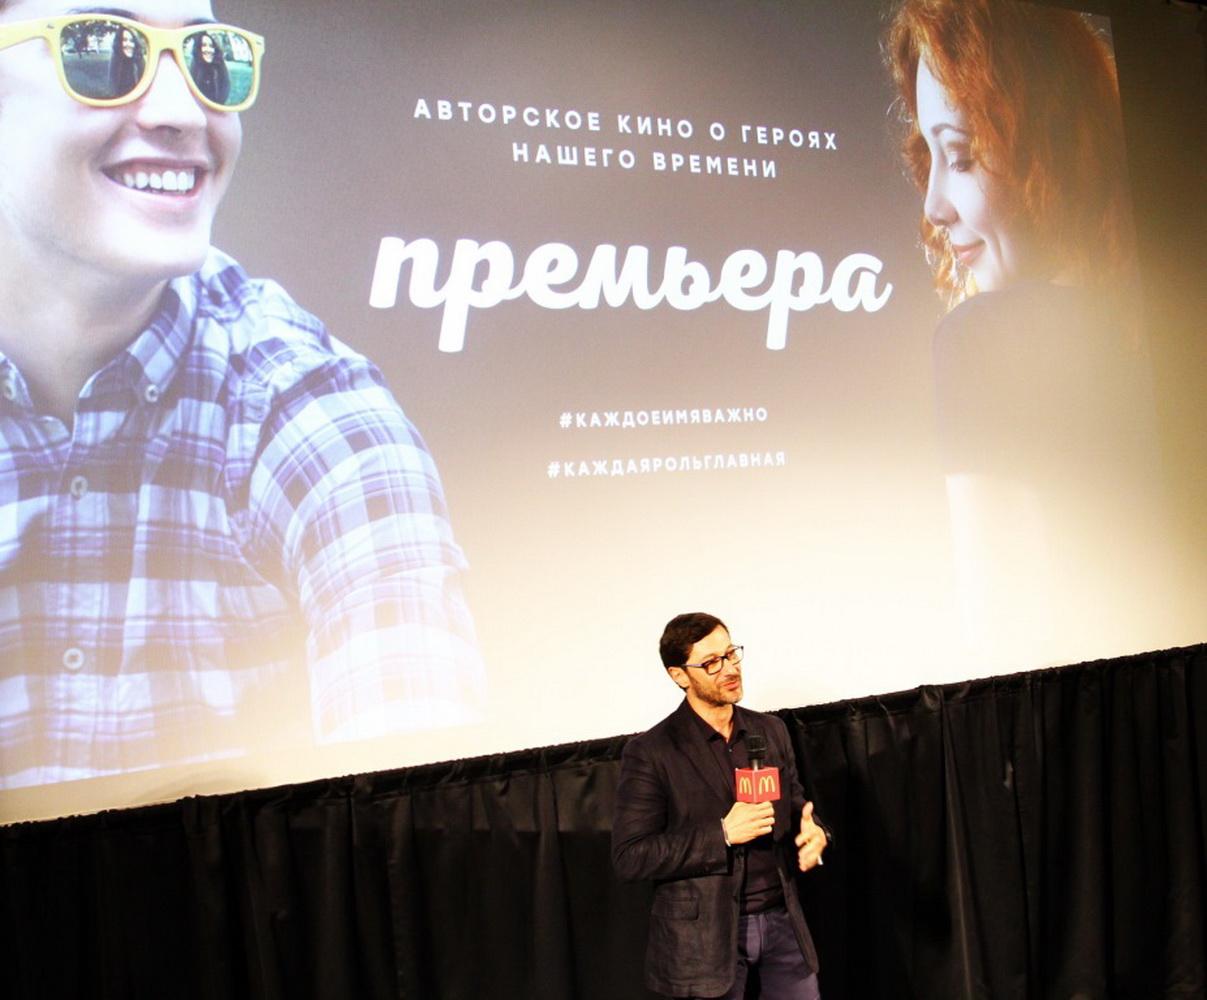 Центре Документального Кино состоялась премьера двух короткометражных фильмов, снятых молодыми режиссерами о своих ровесниках. Александр Альперович